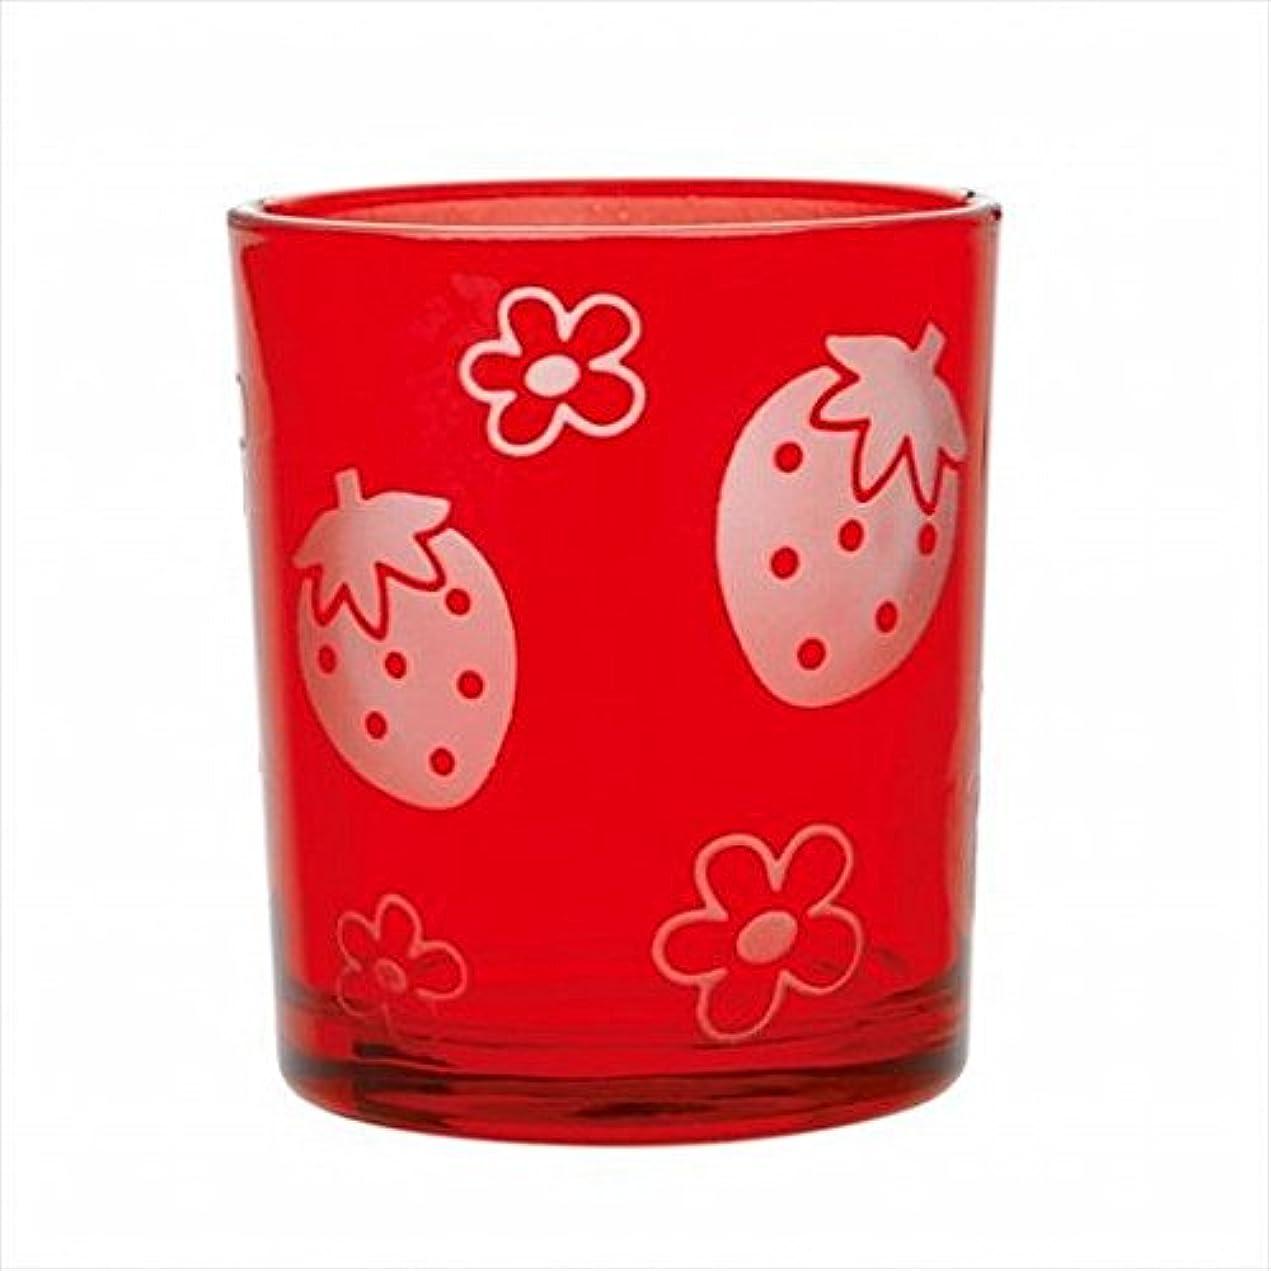 グリップ展望台指導するsweets candle(スイーツキャンドル) いちごフロストカップ 「 レッド 」 キャンドル 55x55x65mm (J1490040R)